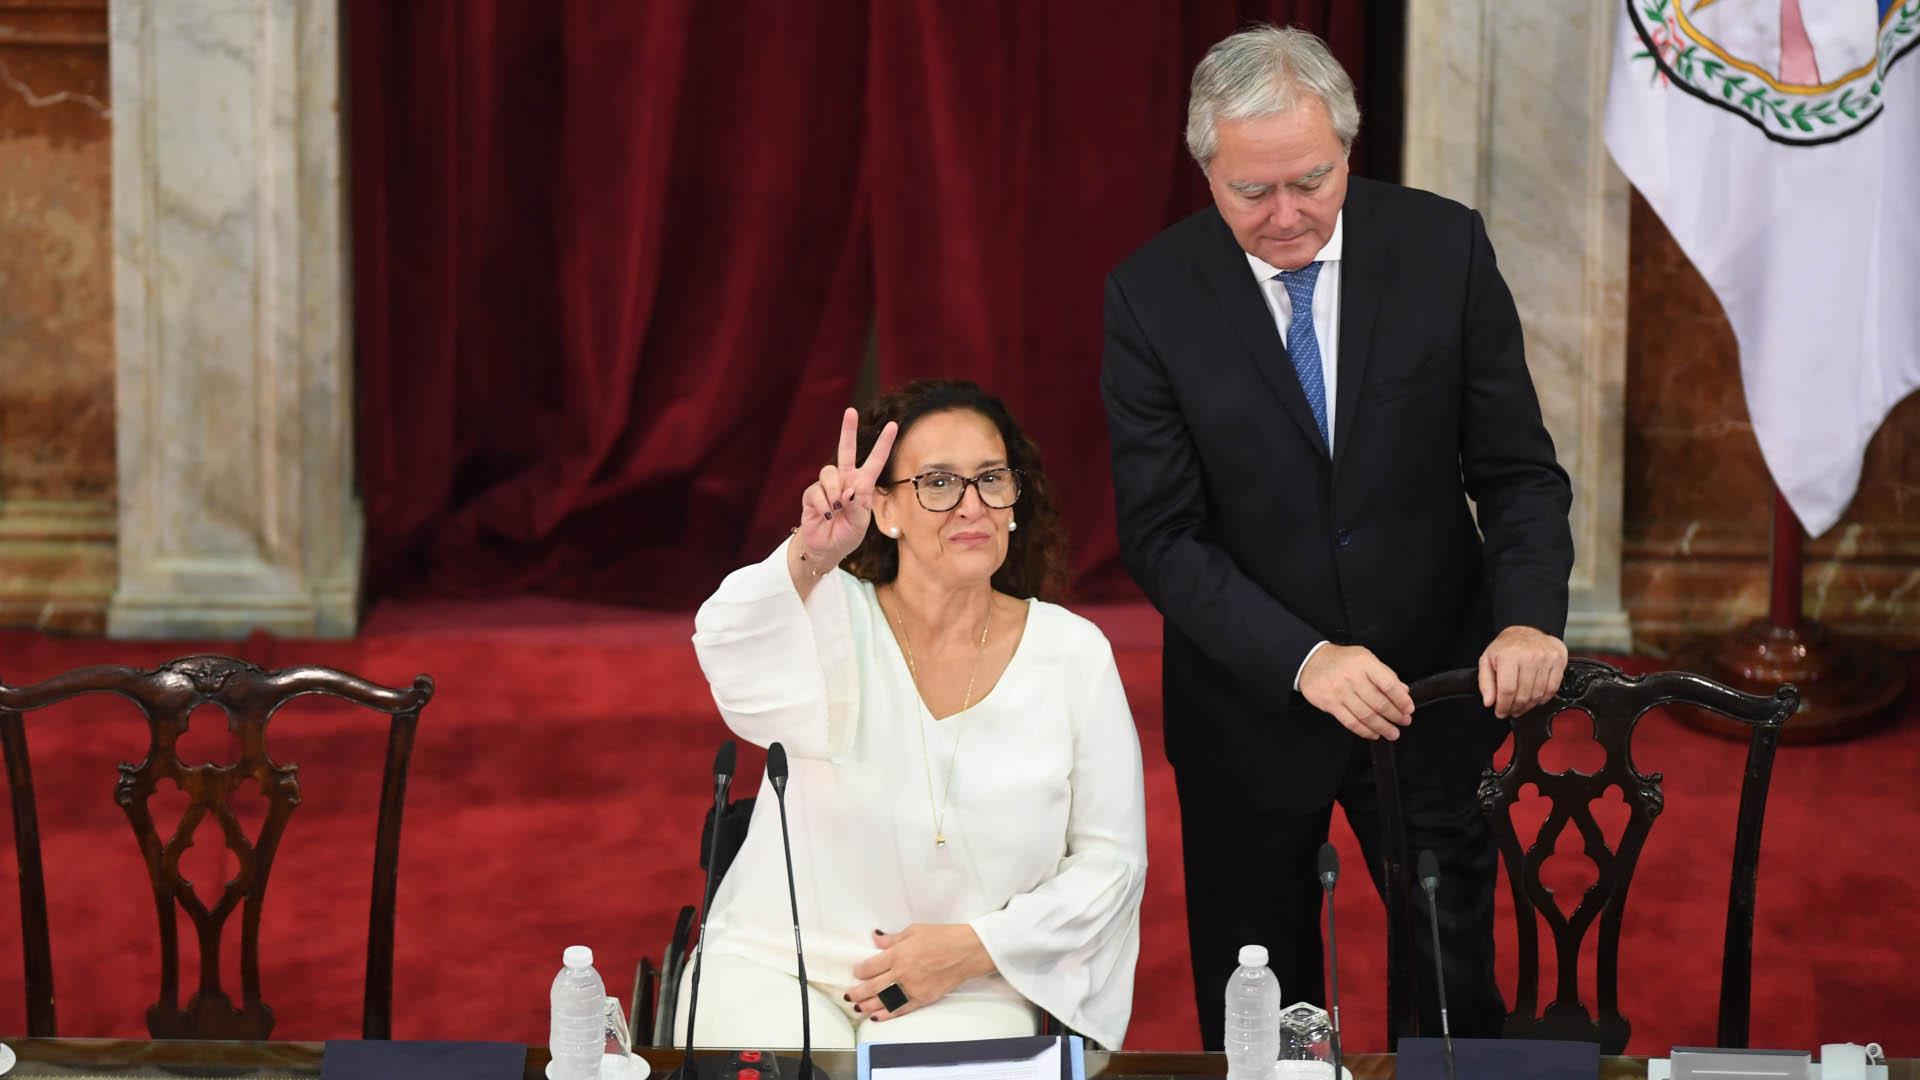 ¿Michetti peronista? La vicepresidente fue fotografiada mientras hacía una seña similar a la V de la Victoria